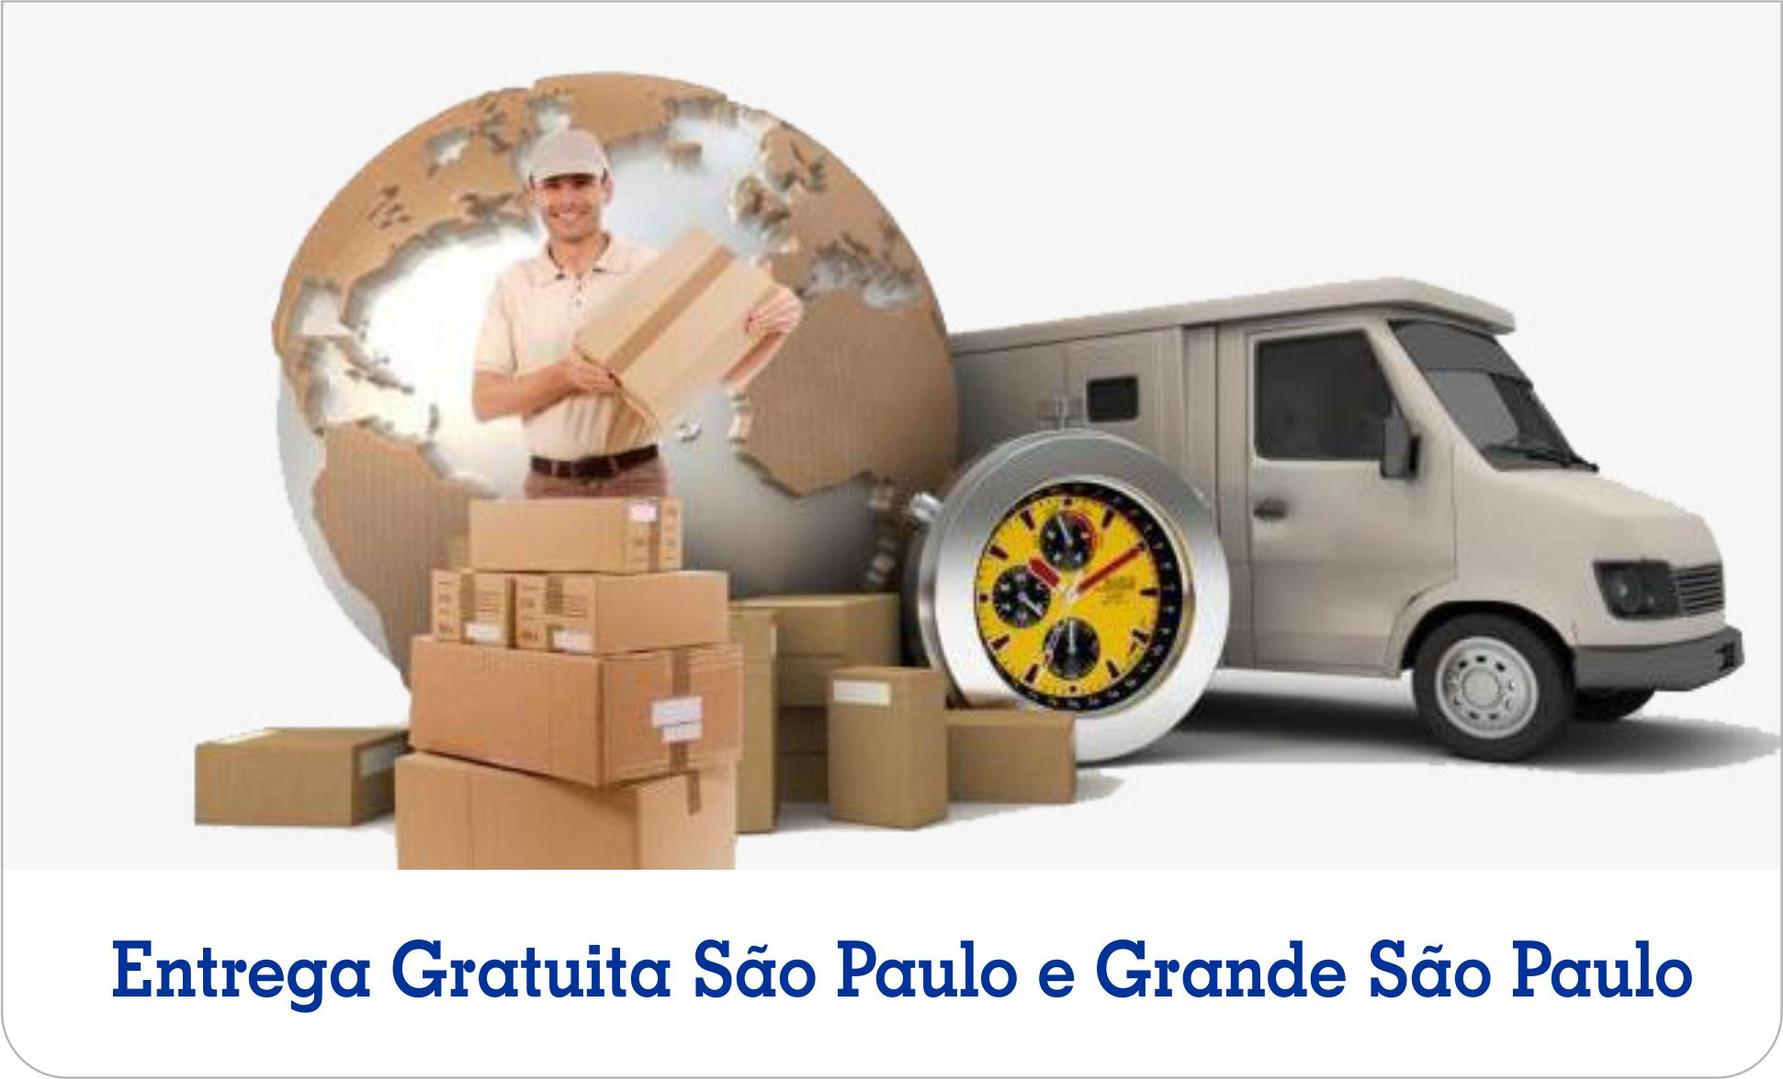 Entreg_Gratuita_São_Paulo_e_Grande_São_P